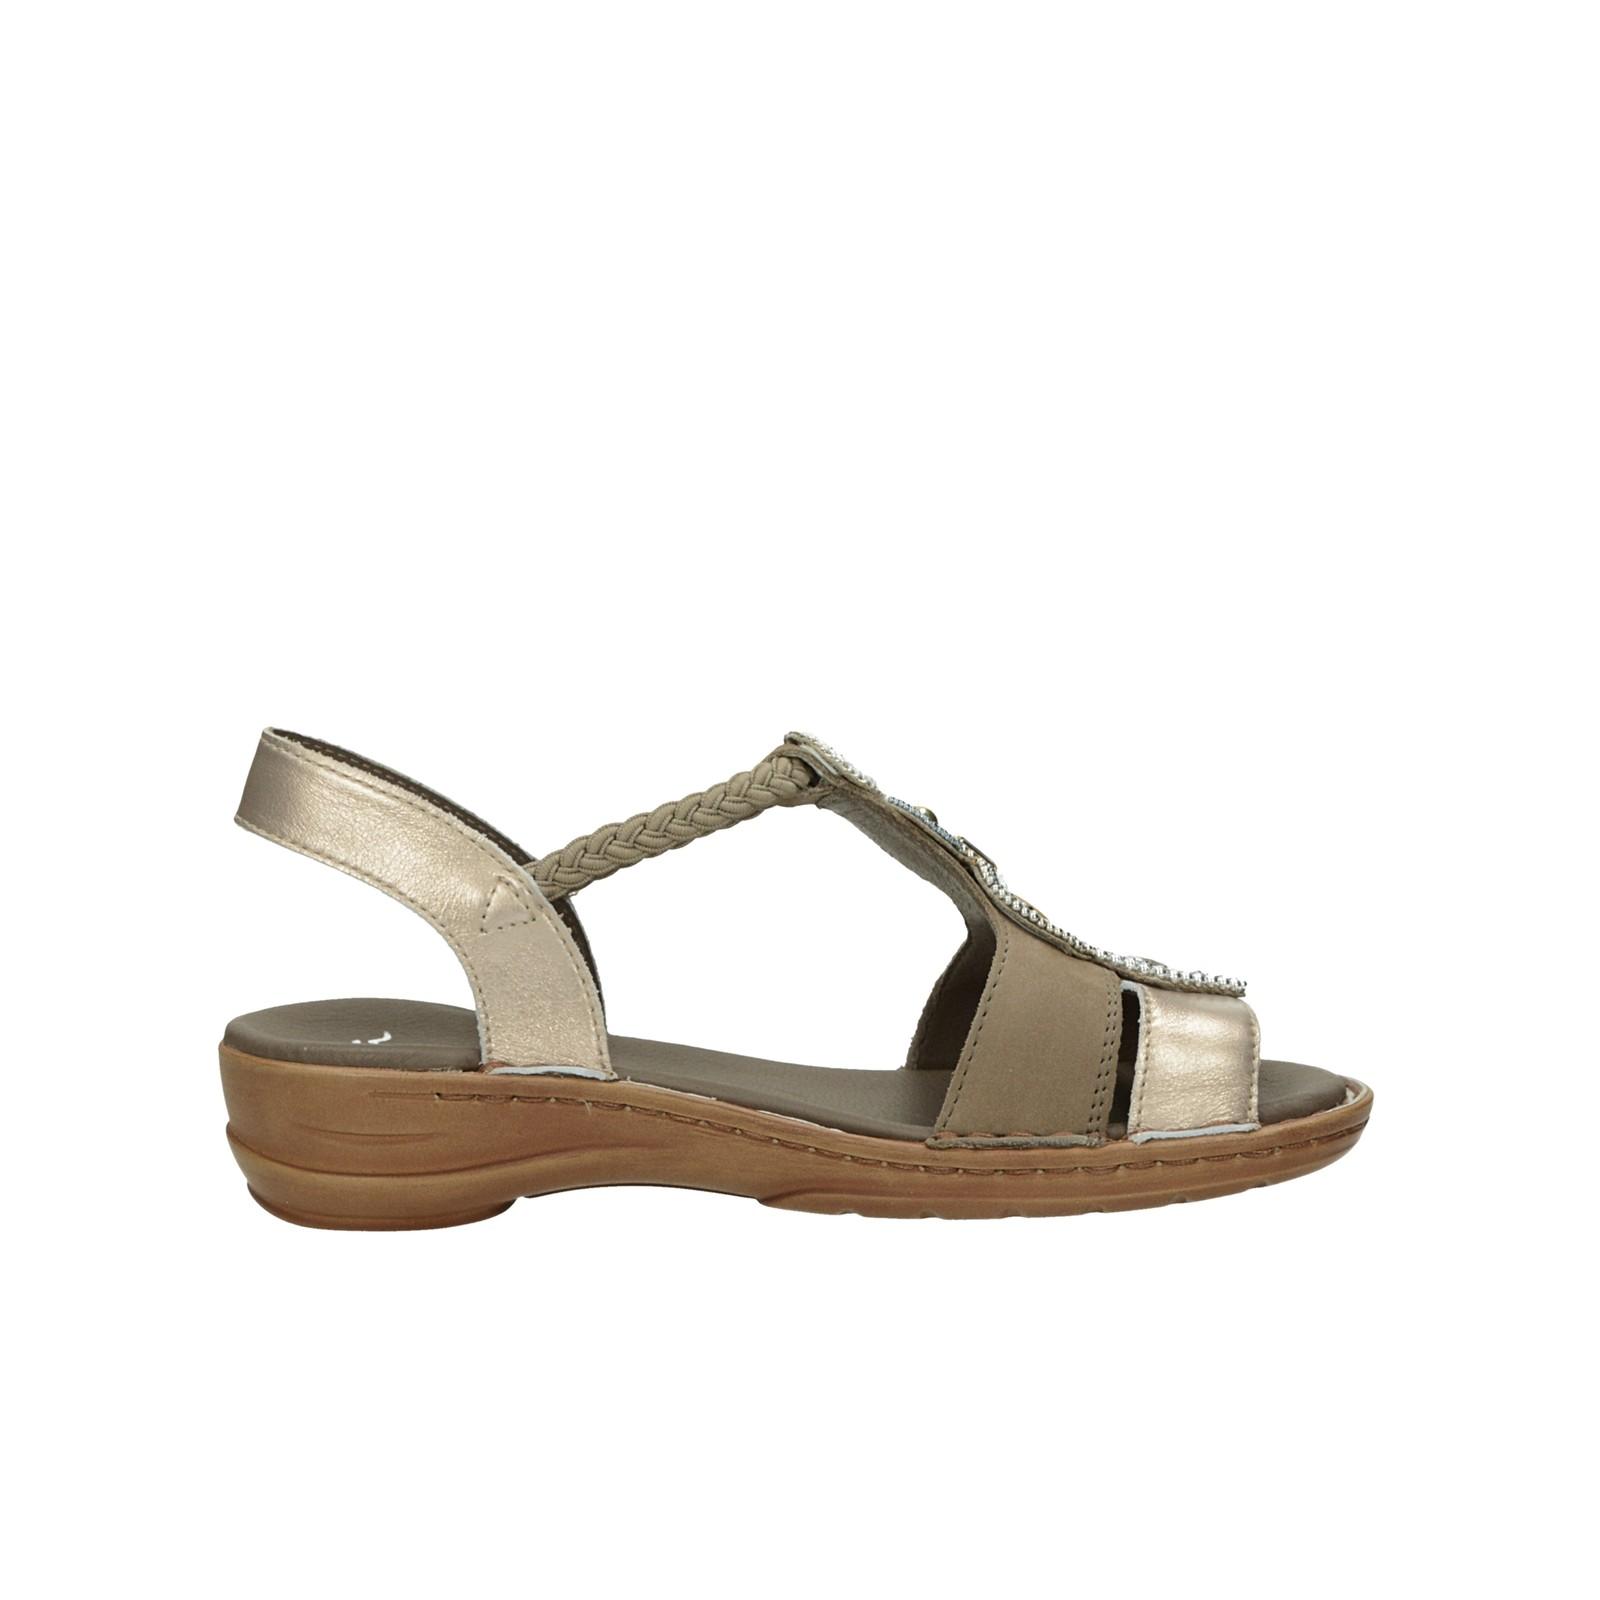 Ara dámské kožené sandály s ozdobnými prvky - bronzové